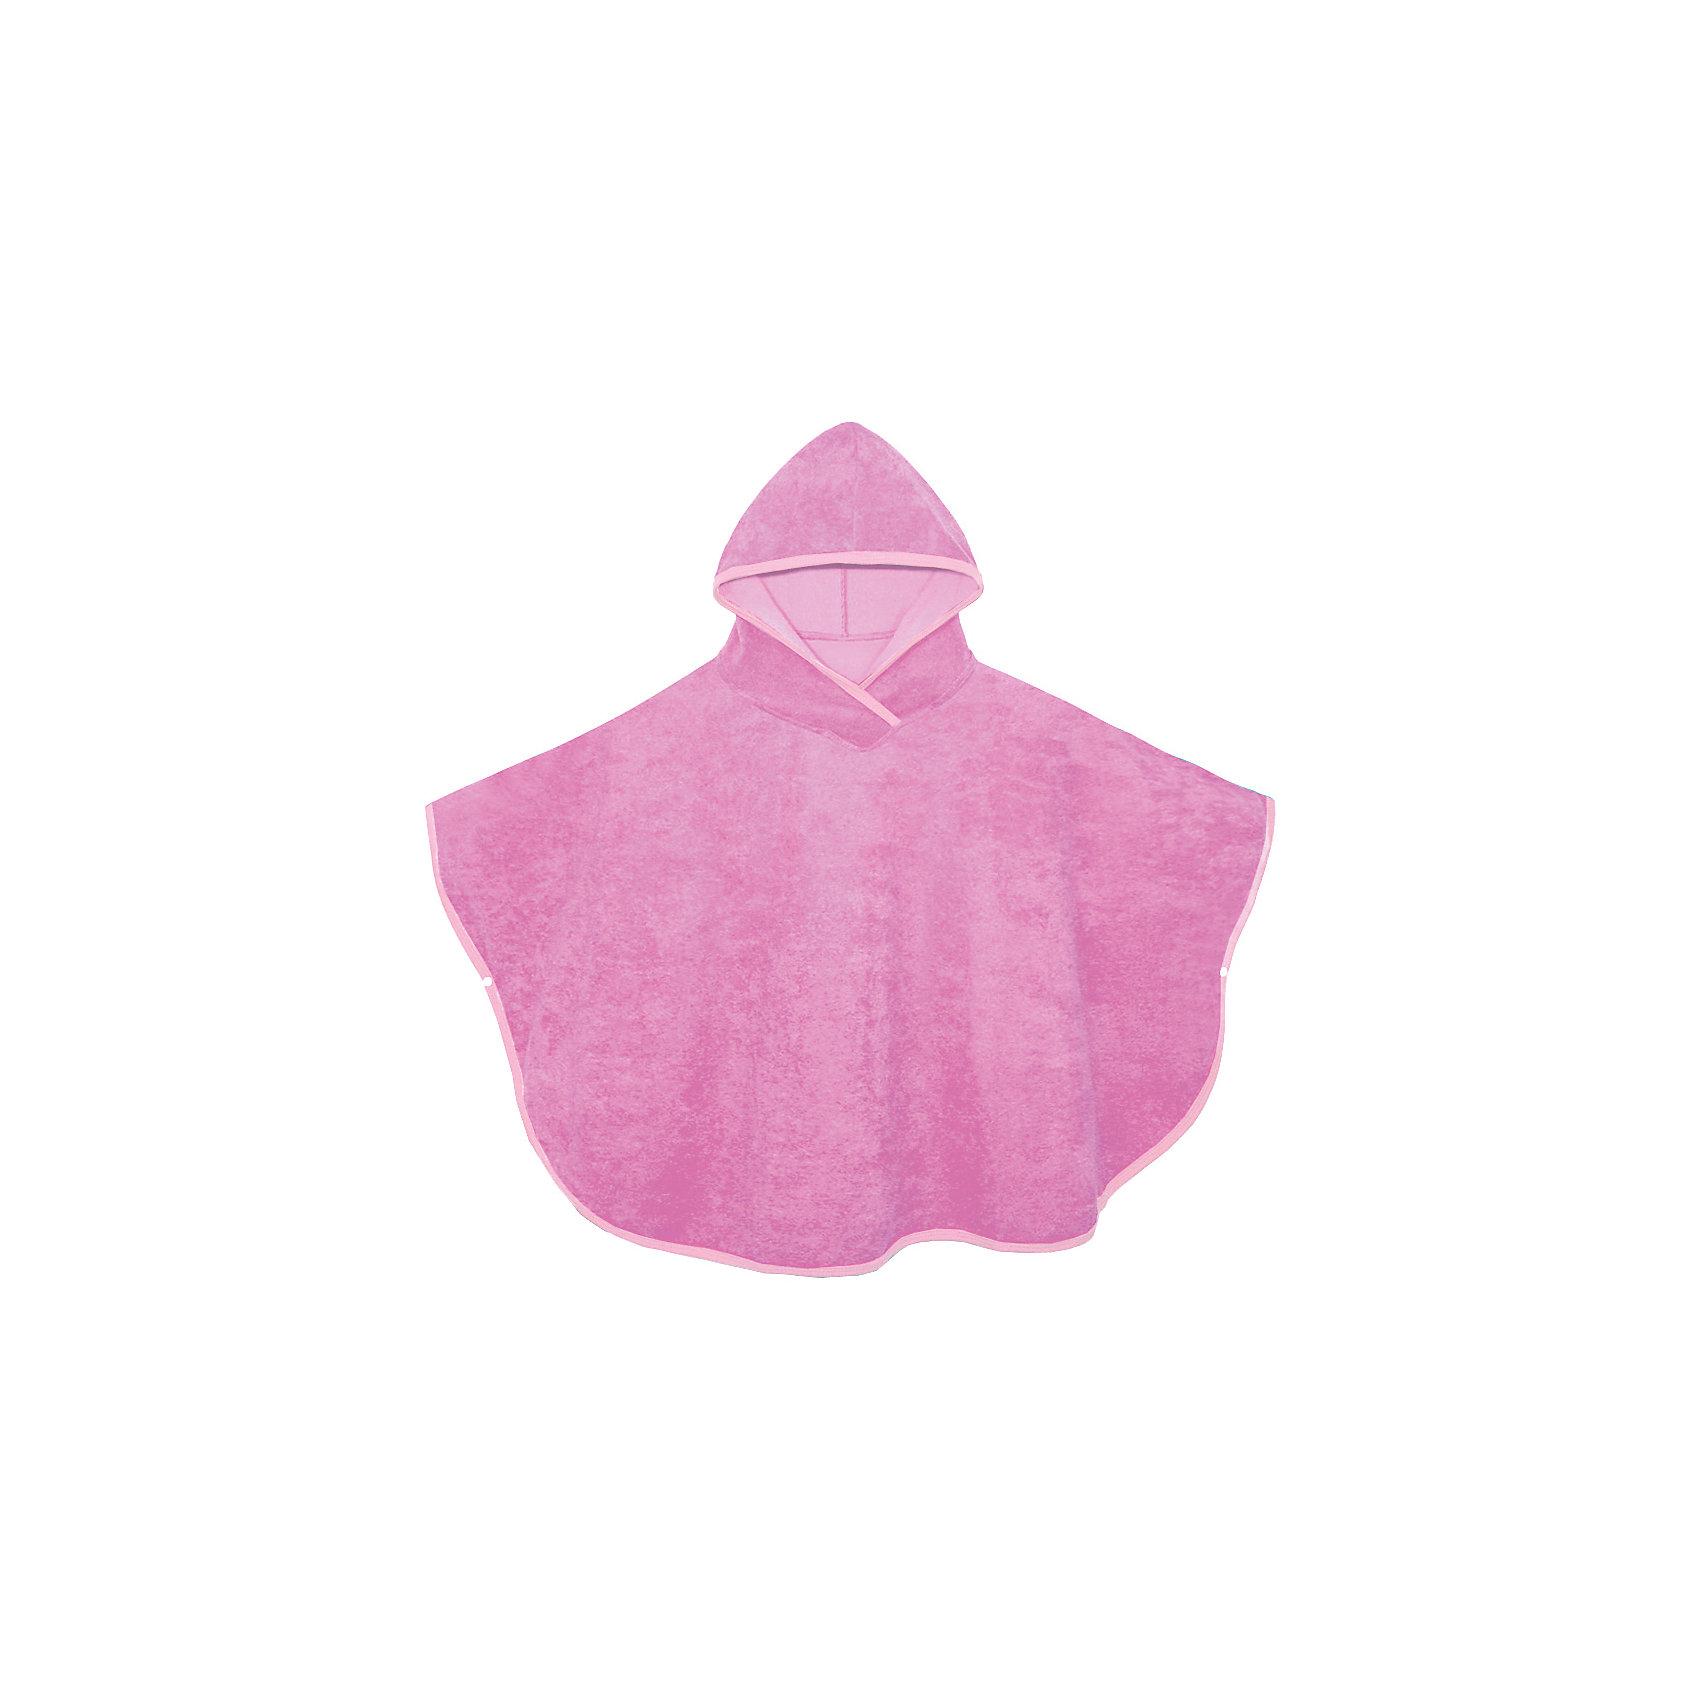 Пляжное полотенце для девочки KotMarKotХалаты<br>Пляжное полотенце для девочки KotMarKot<br>Состав:<br>80% хлопок, 20% ПЭ<br><br>Ширина мм: 183<br>Глубина мм: 60<br>Высота мм: 135<br>Вес г: 119<br>Цвет: розовый<br>Возраст от месяцев: 36<br>Возраст до месяцев: 48<br>Пол: Женский<br>Возраст: Детский<br>Размер: 104,128<br>SKU: 6755059